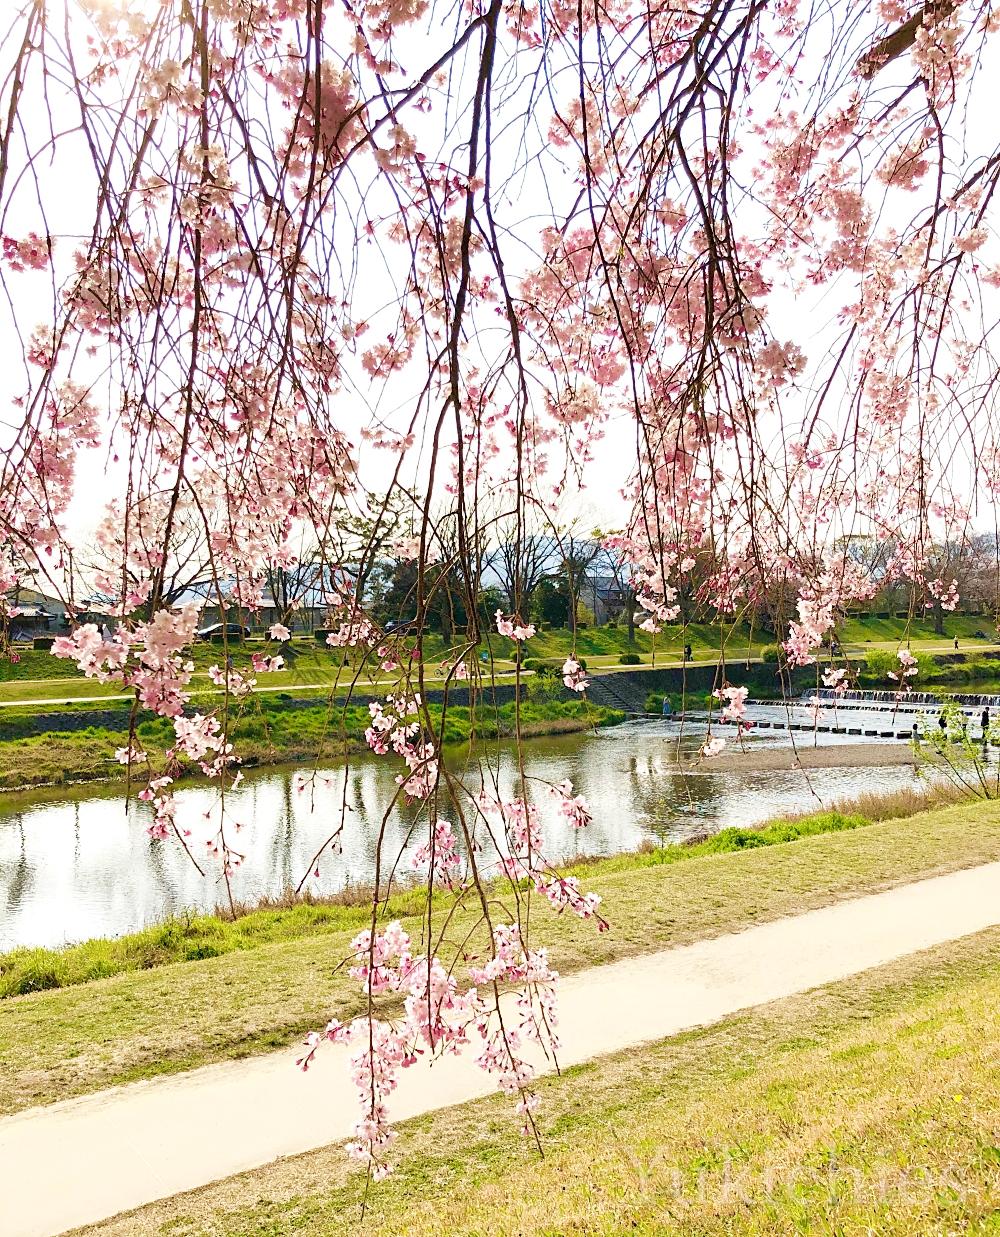 京都 北山 半木の道(なからぎのみち) 紅枝垂れ桜 鴨川